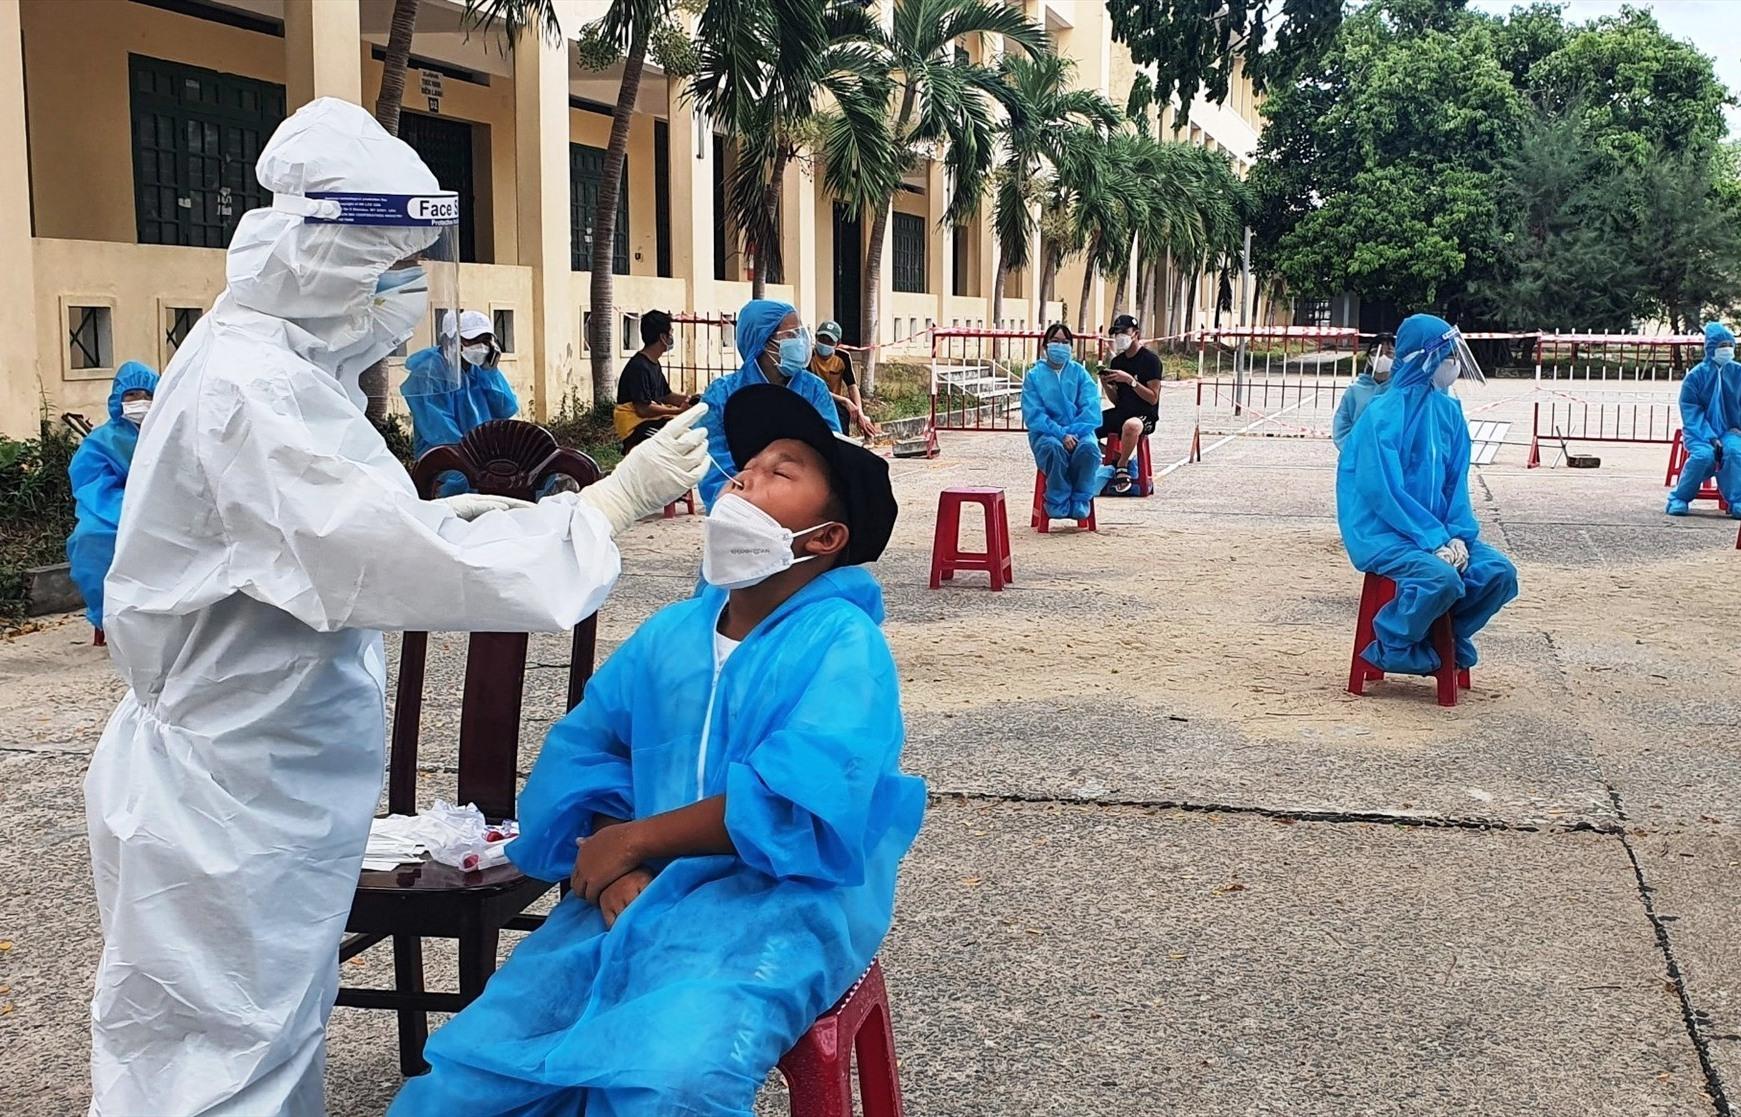 Lấy mẫu xét nghiệm cho công dân trở về từ TP.Hồ Chí Minh.